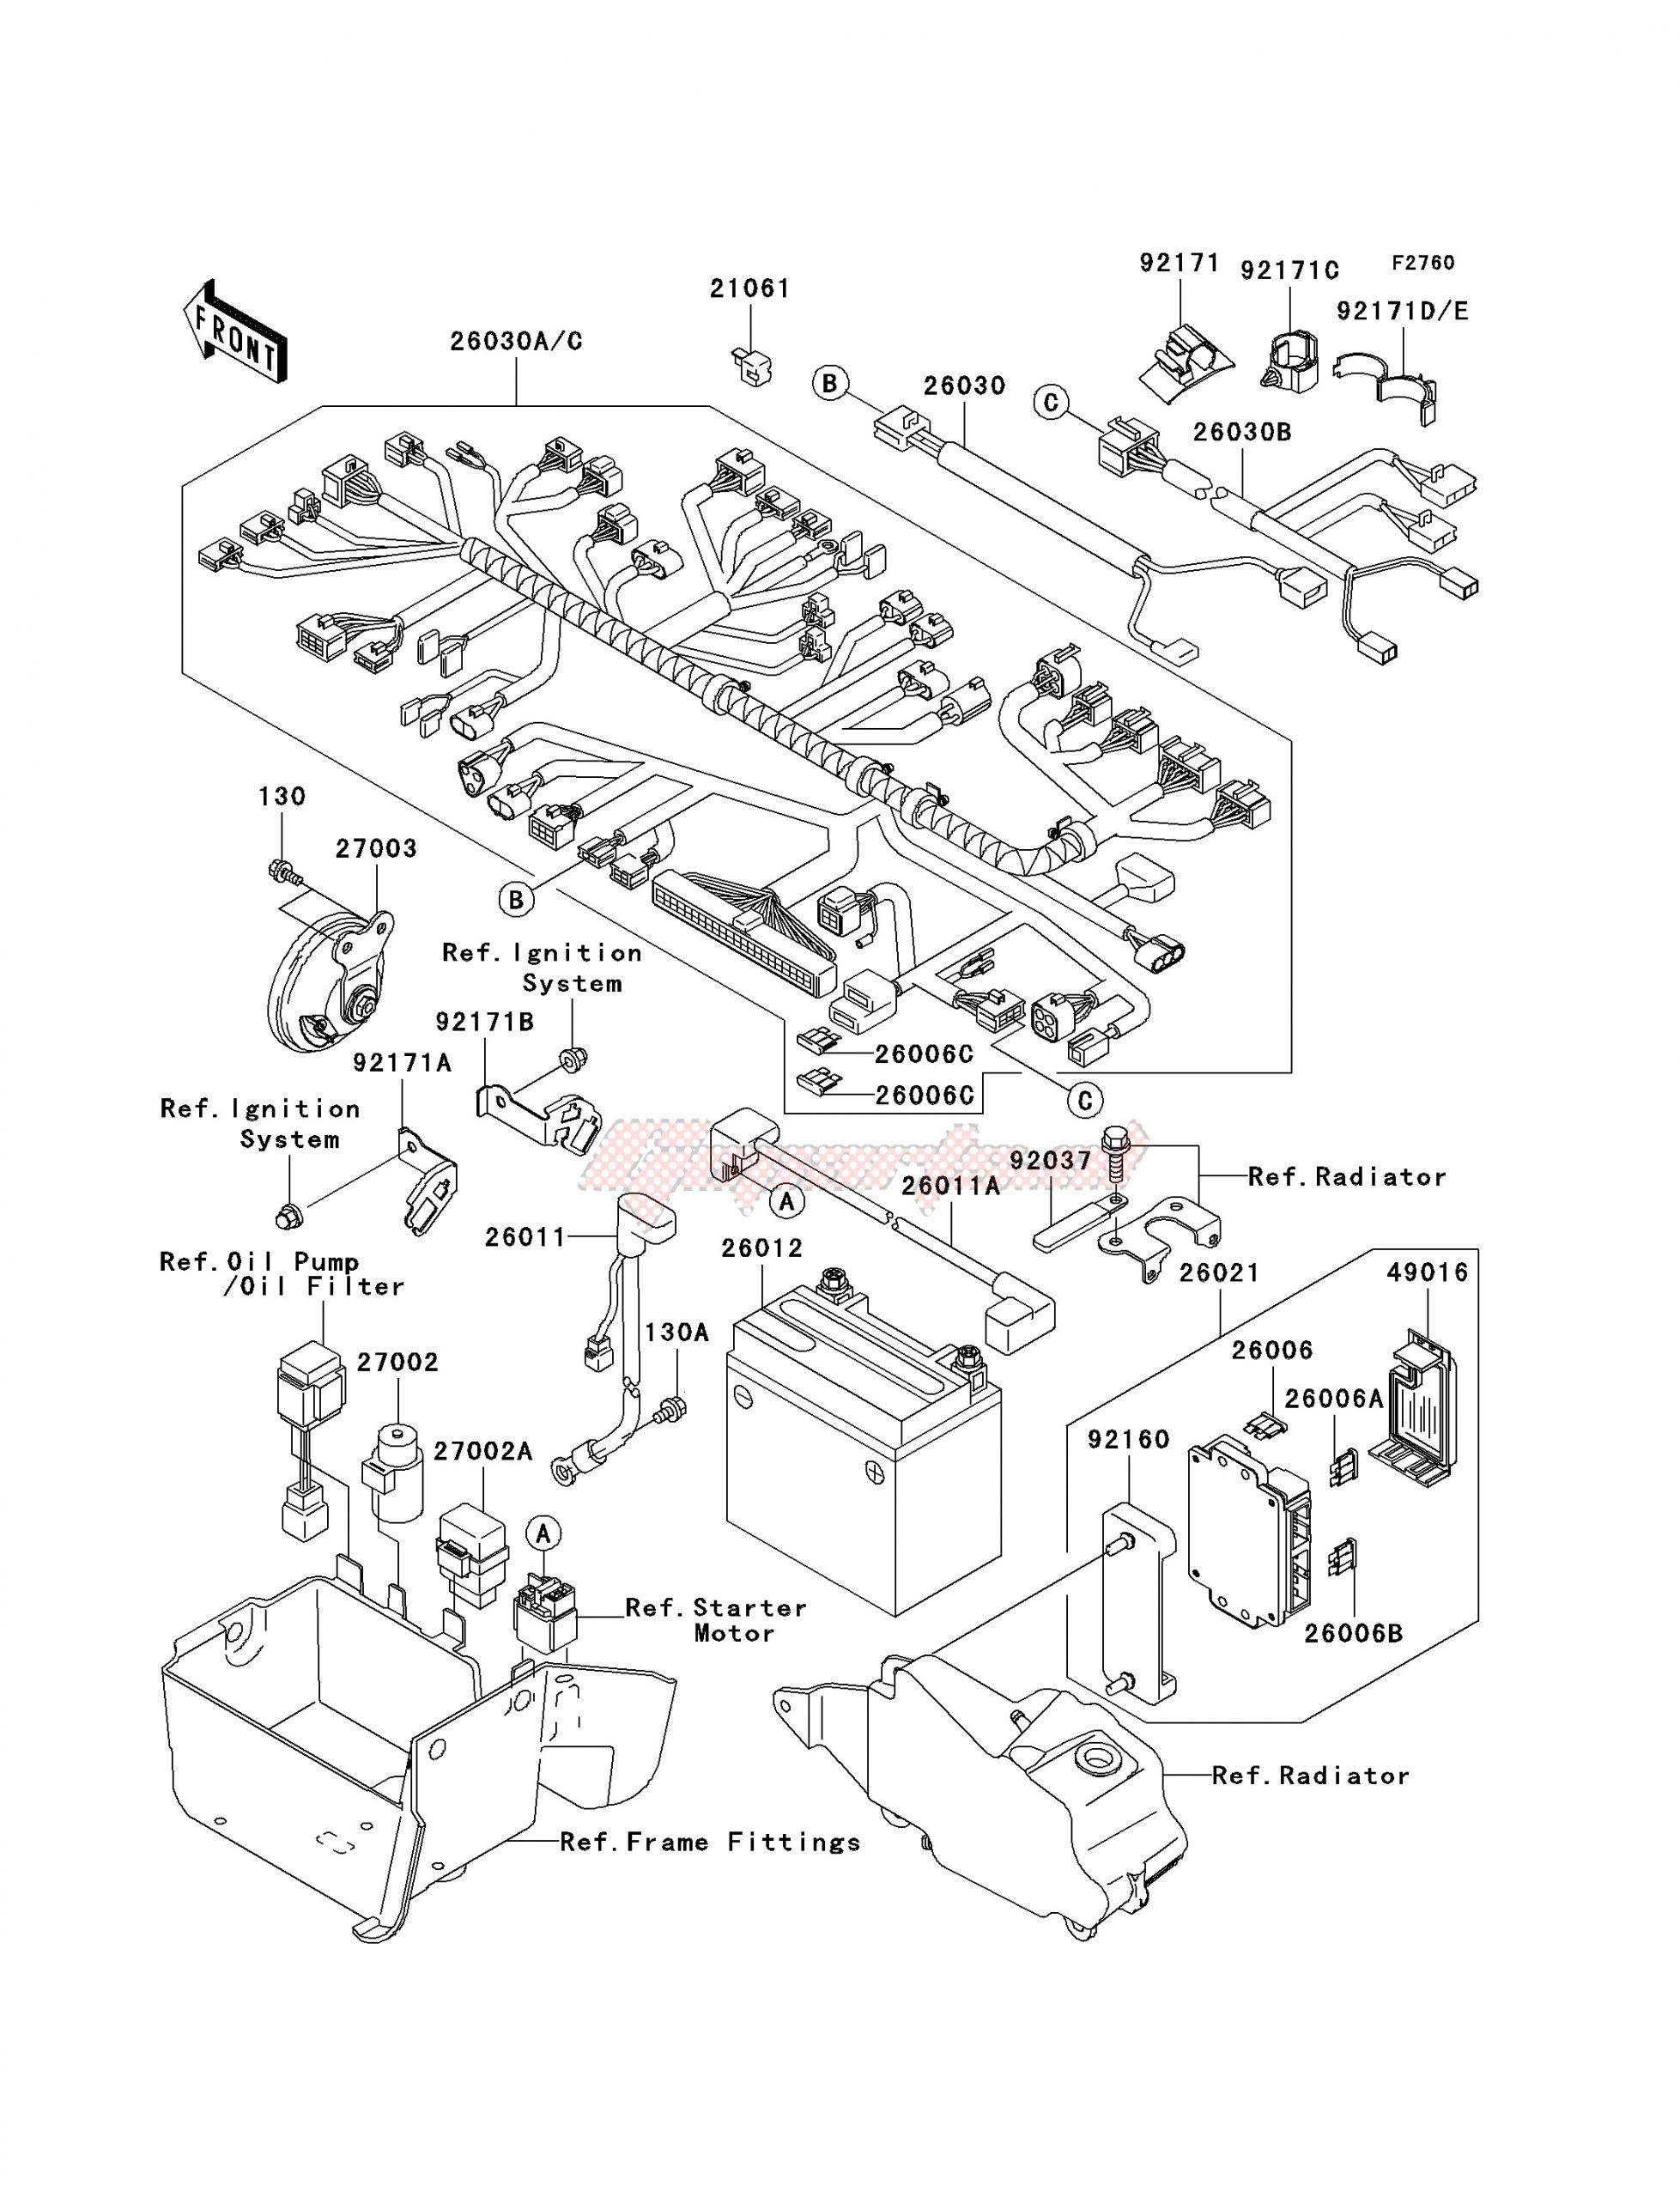 Kawasaki Ninja 250r Wiring Diagram Oem Parts Kawasaki Motorcycle Vn 1500 P Vulcan 1500 Mean